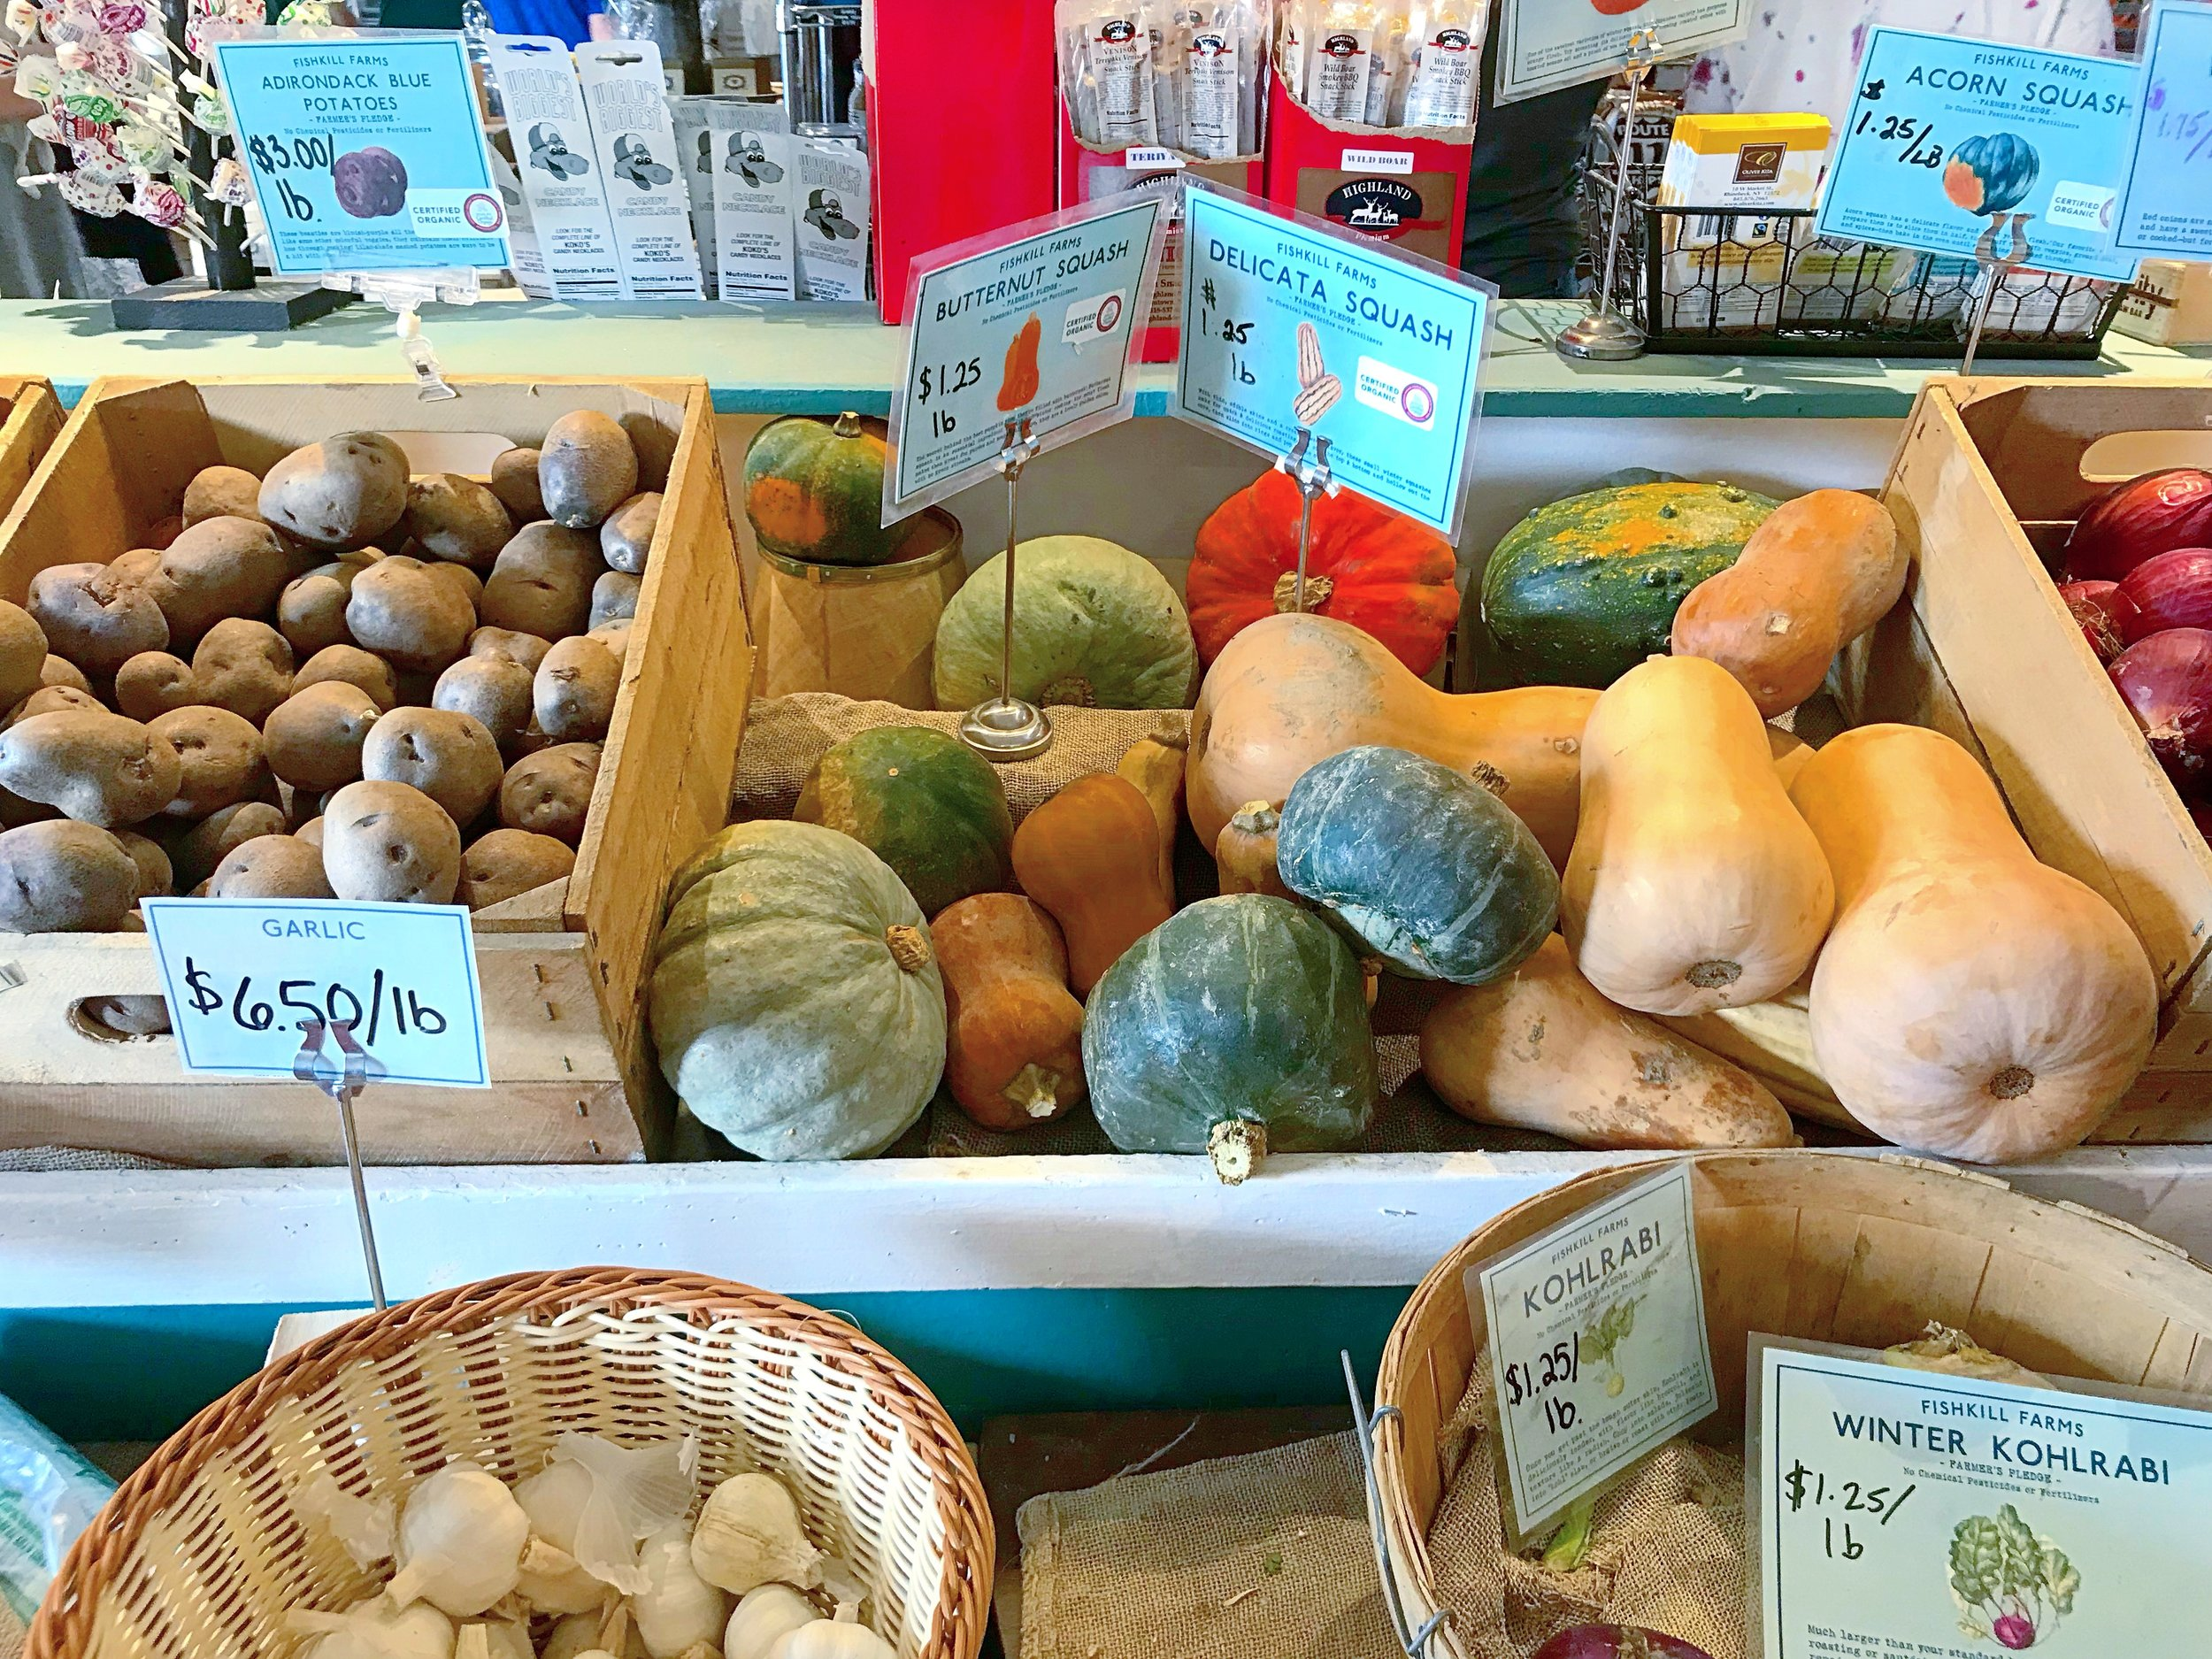 Squash and Produce, Fishkill NY